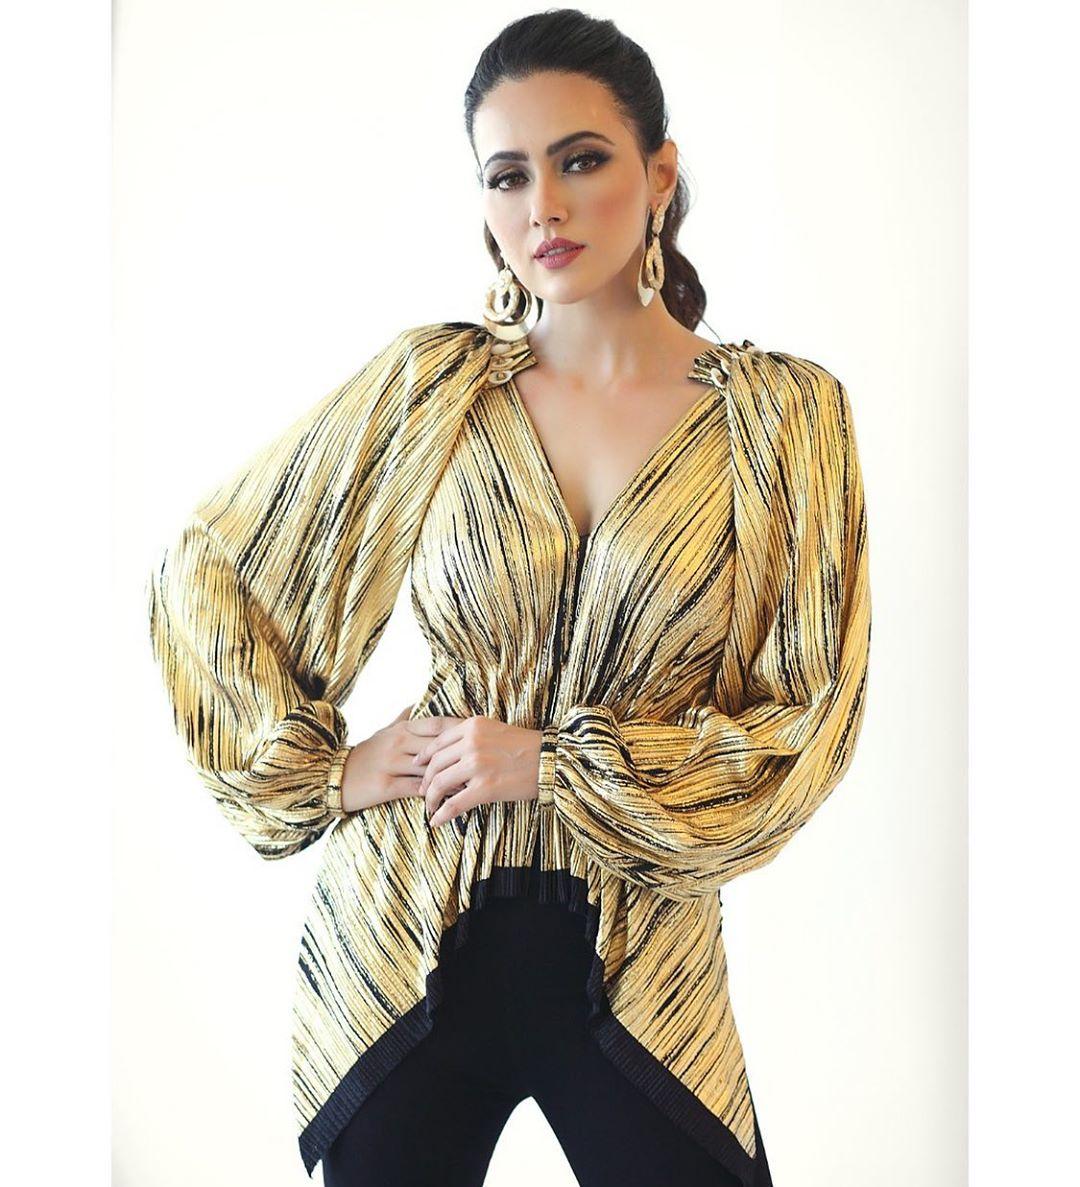 sana khaan bollywood actress 99